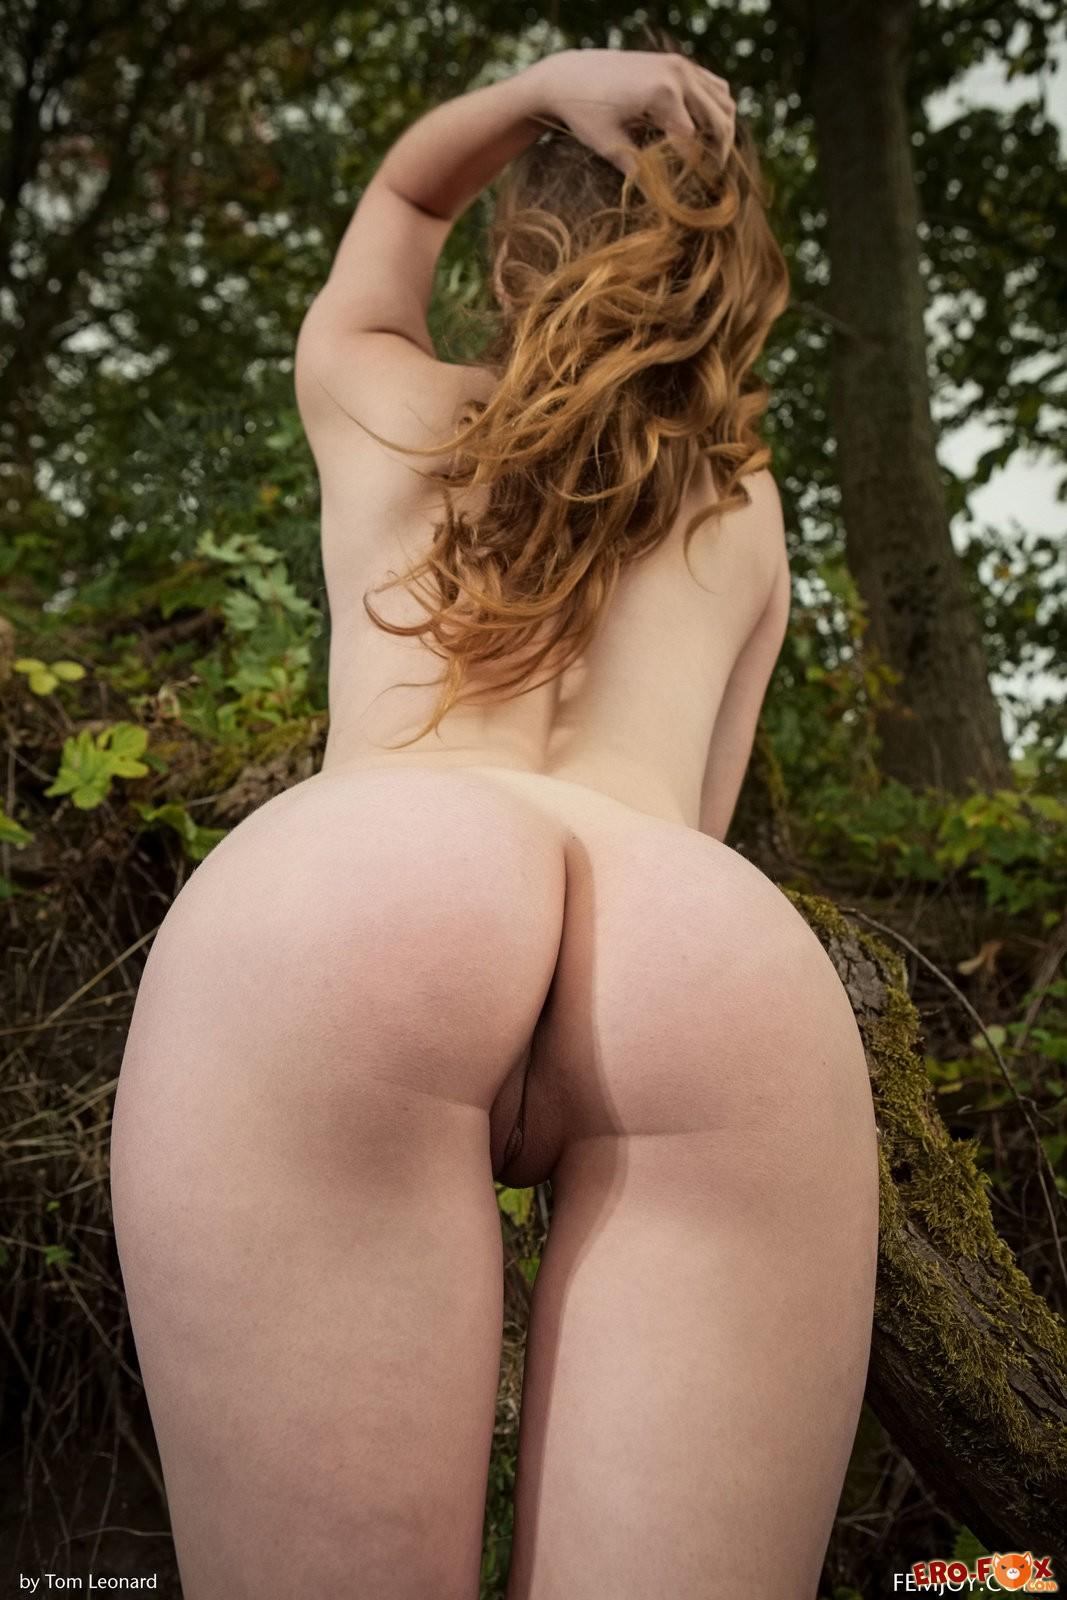 Голая русская девушка с натуральной красотой